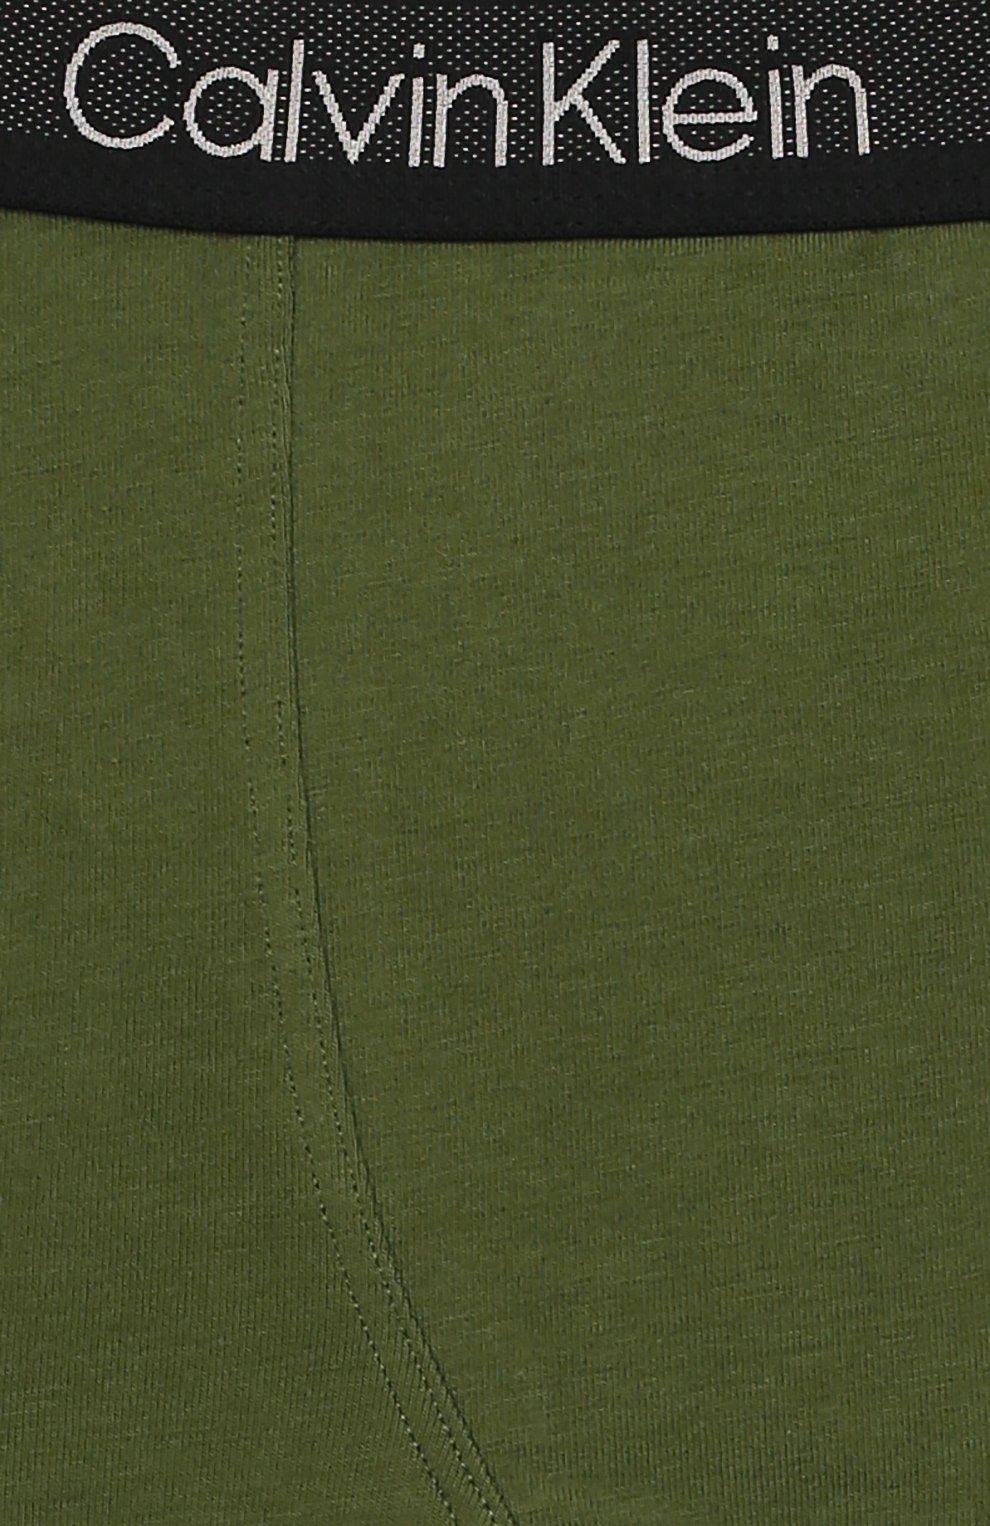 Детские комплект из двух пар трусов CALVIN KLEIN хаки цвета, арт. B70B700198 | Фото 3